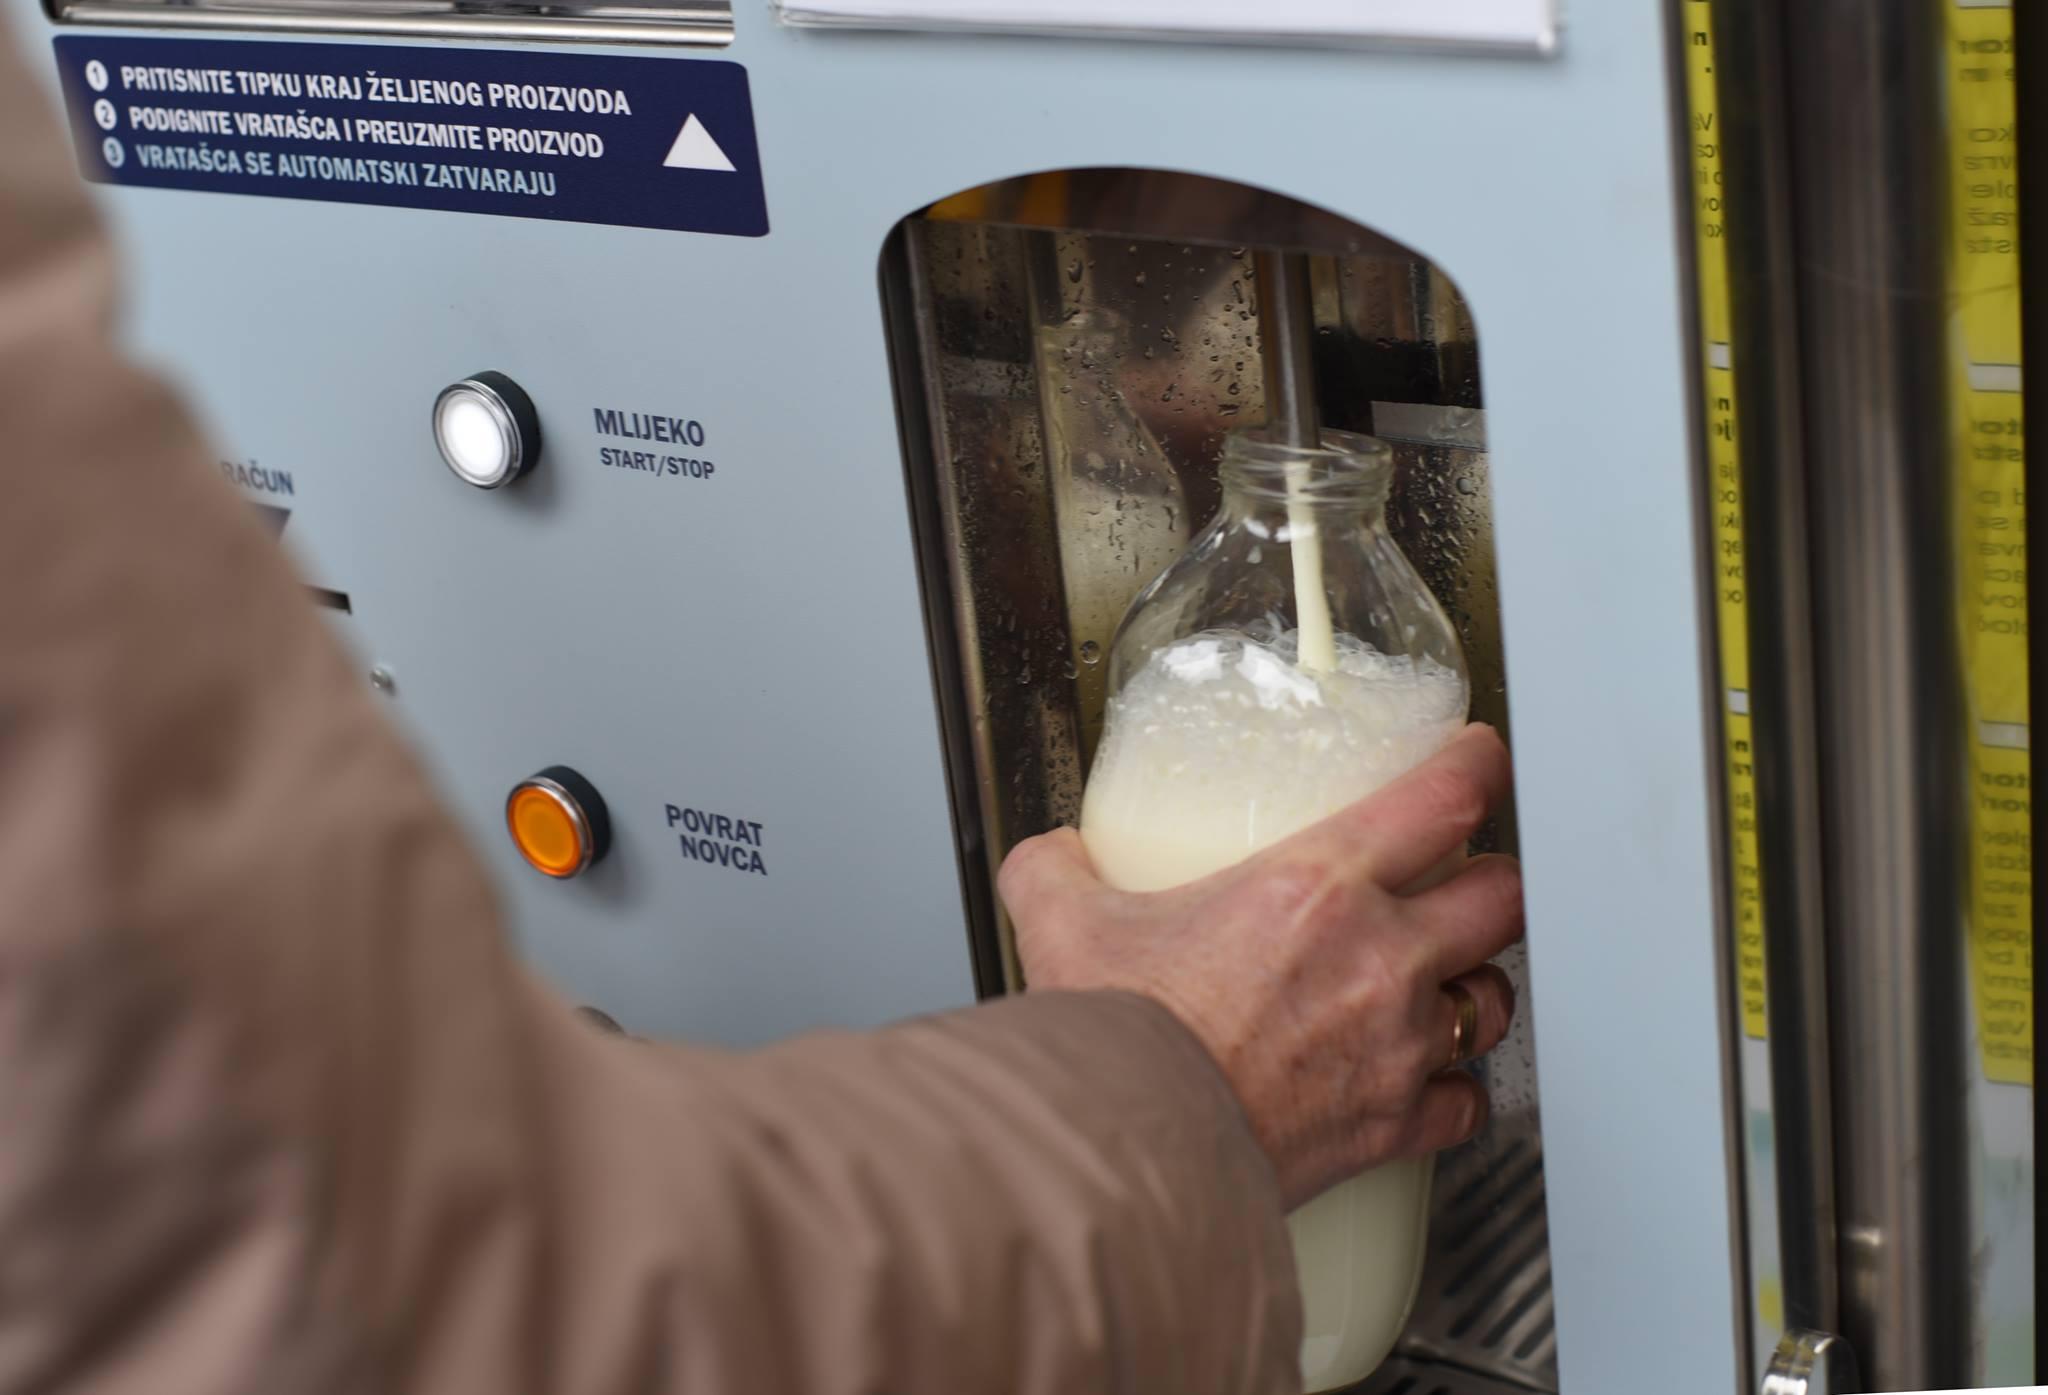 POD LUPOM POREZNE Zbog fiskalizacije se zatvaraju mljekomati i jajomati